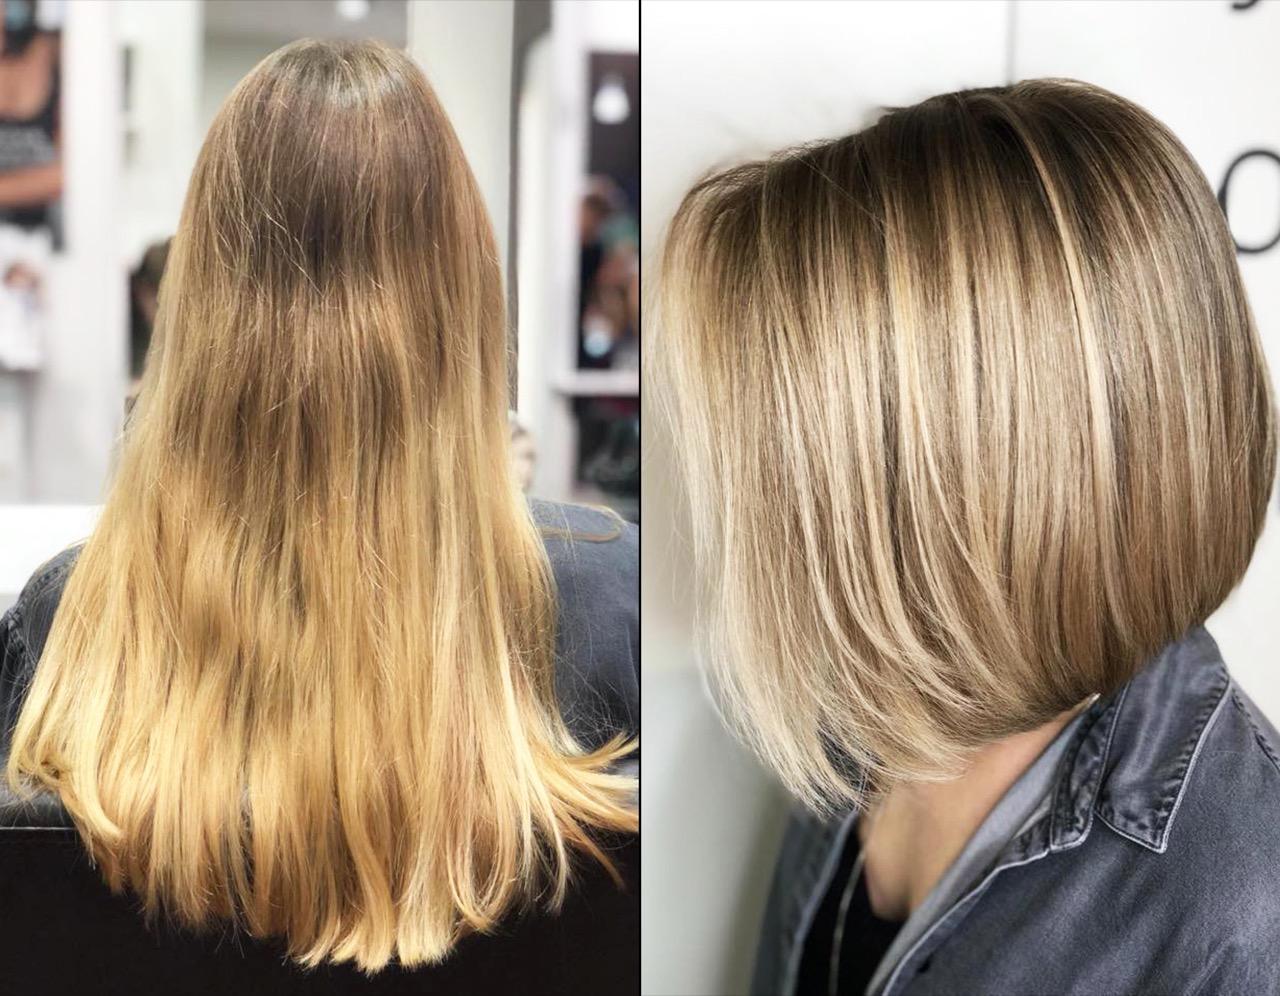 Top Frisuren Trends 2019 Haarfarben Haarschnitte Und Stylings